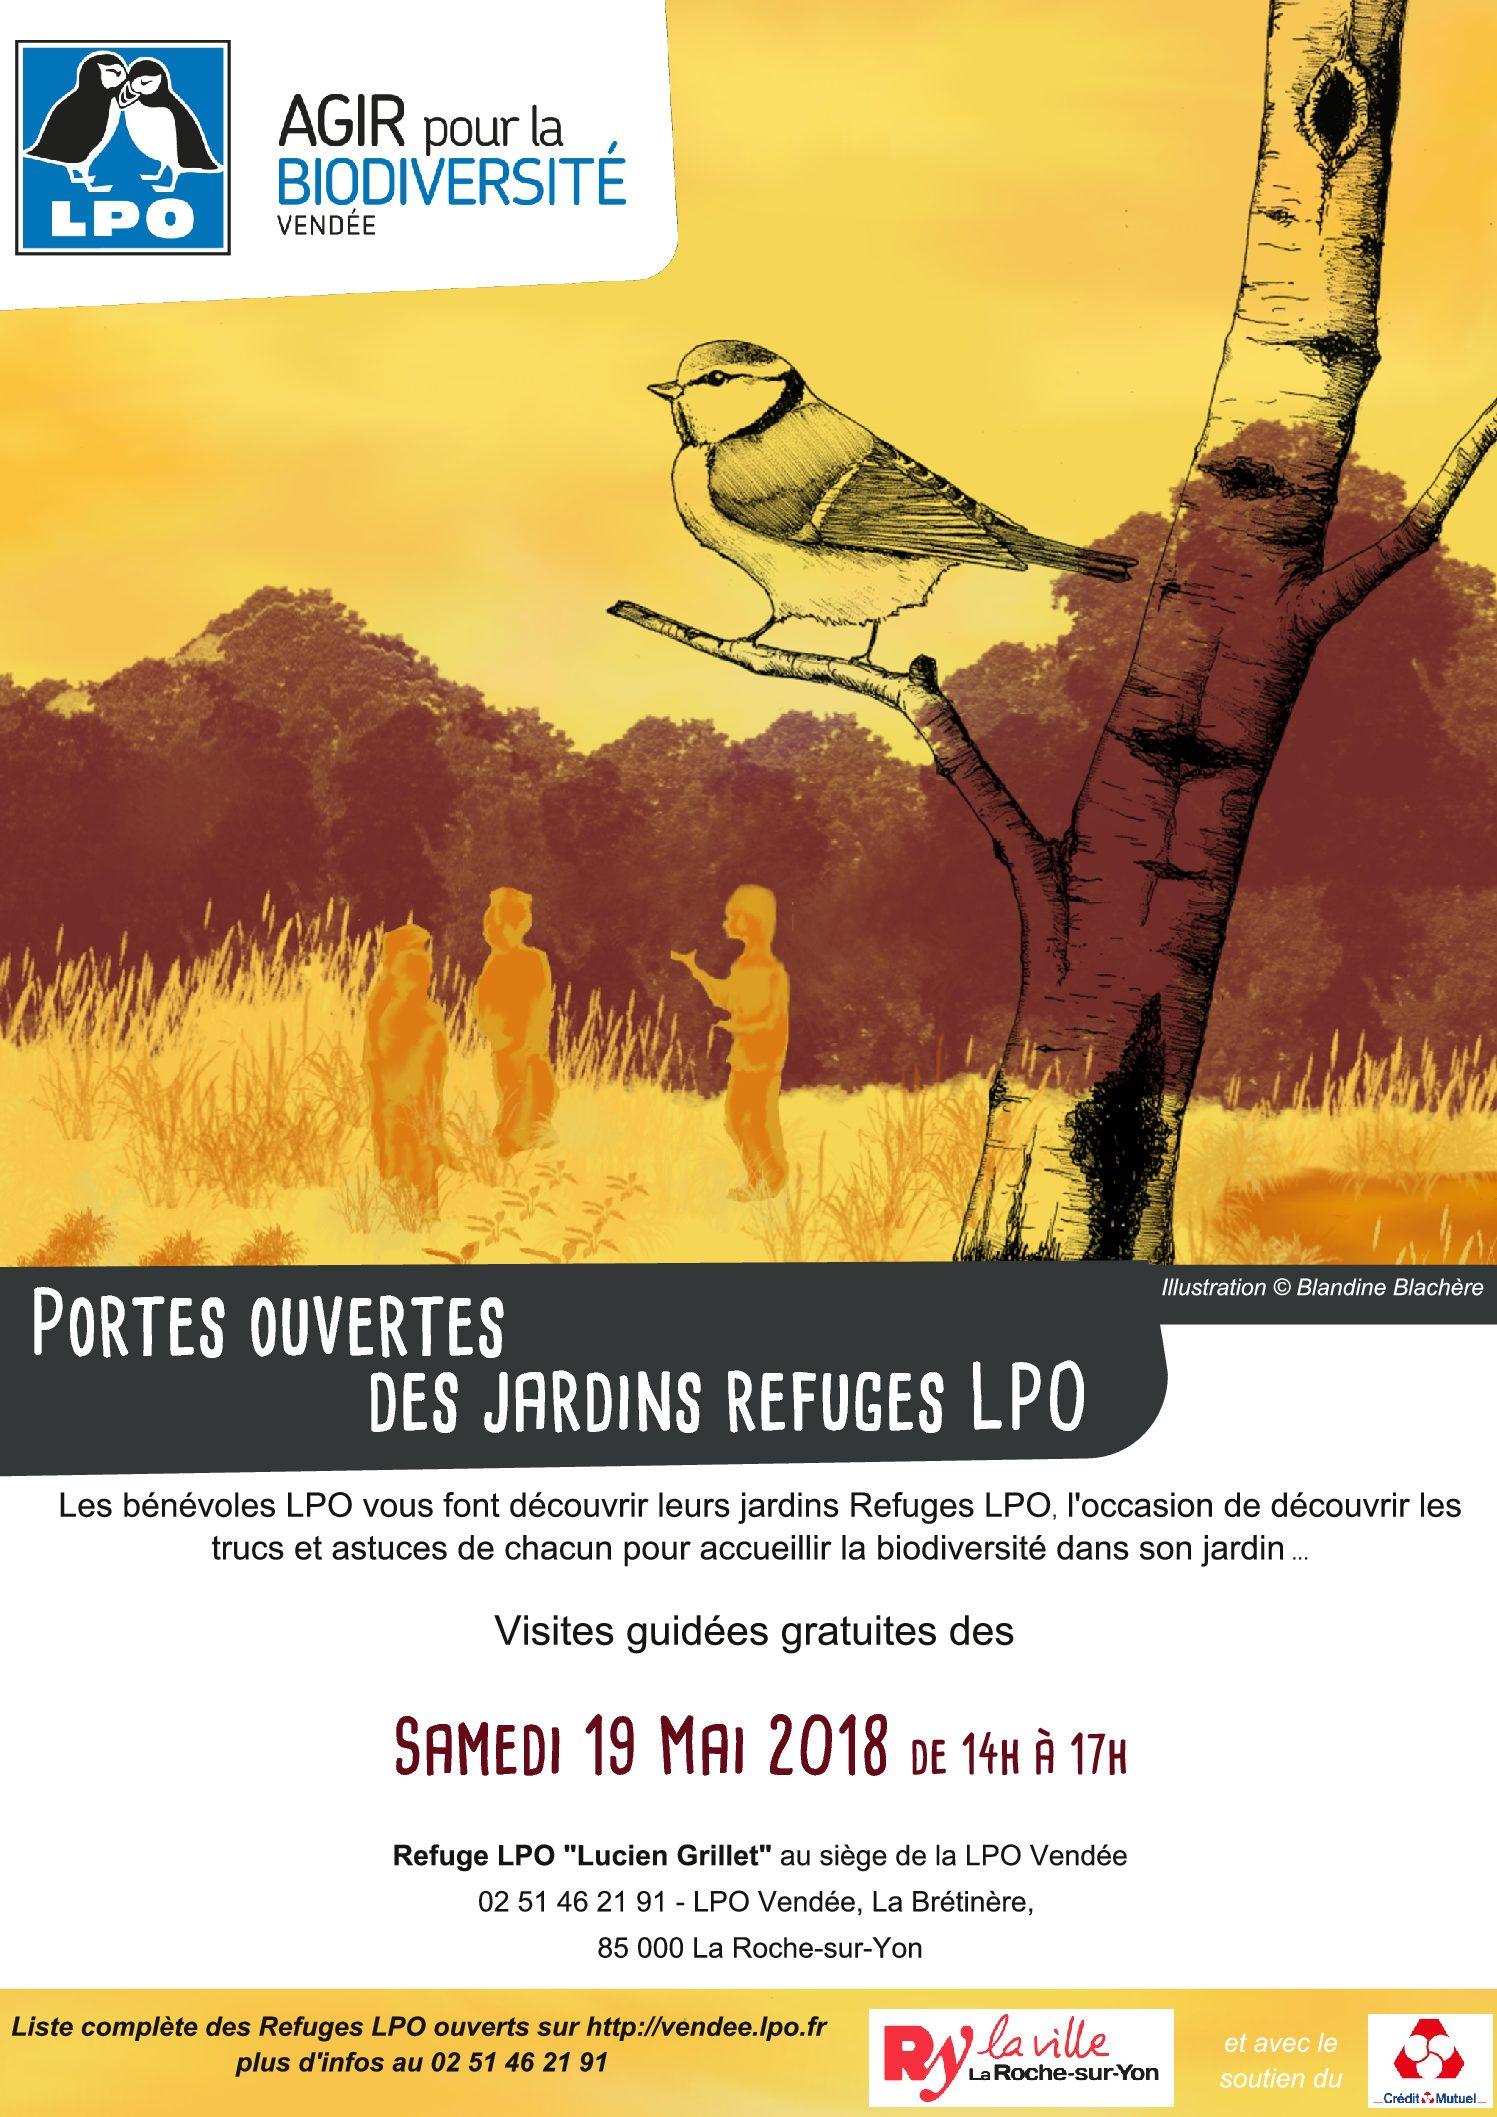 Portes ouvertes Refuge LPO à La Roche-sur-Yon